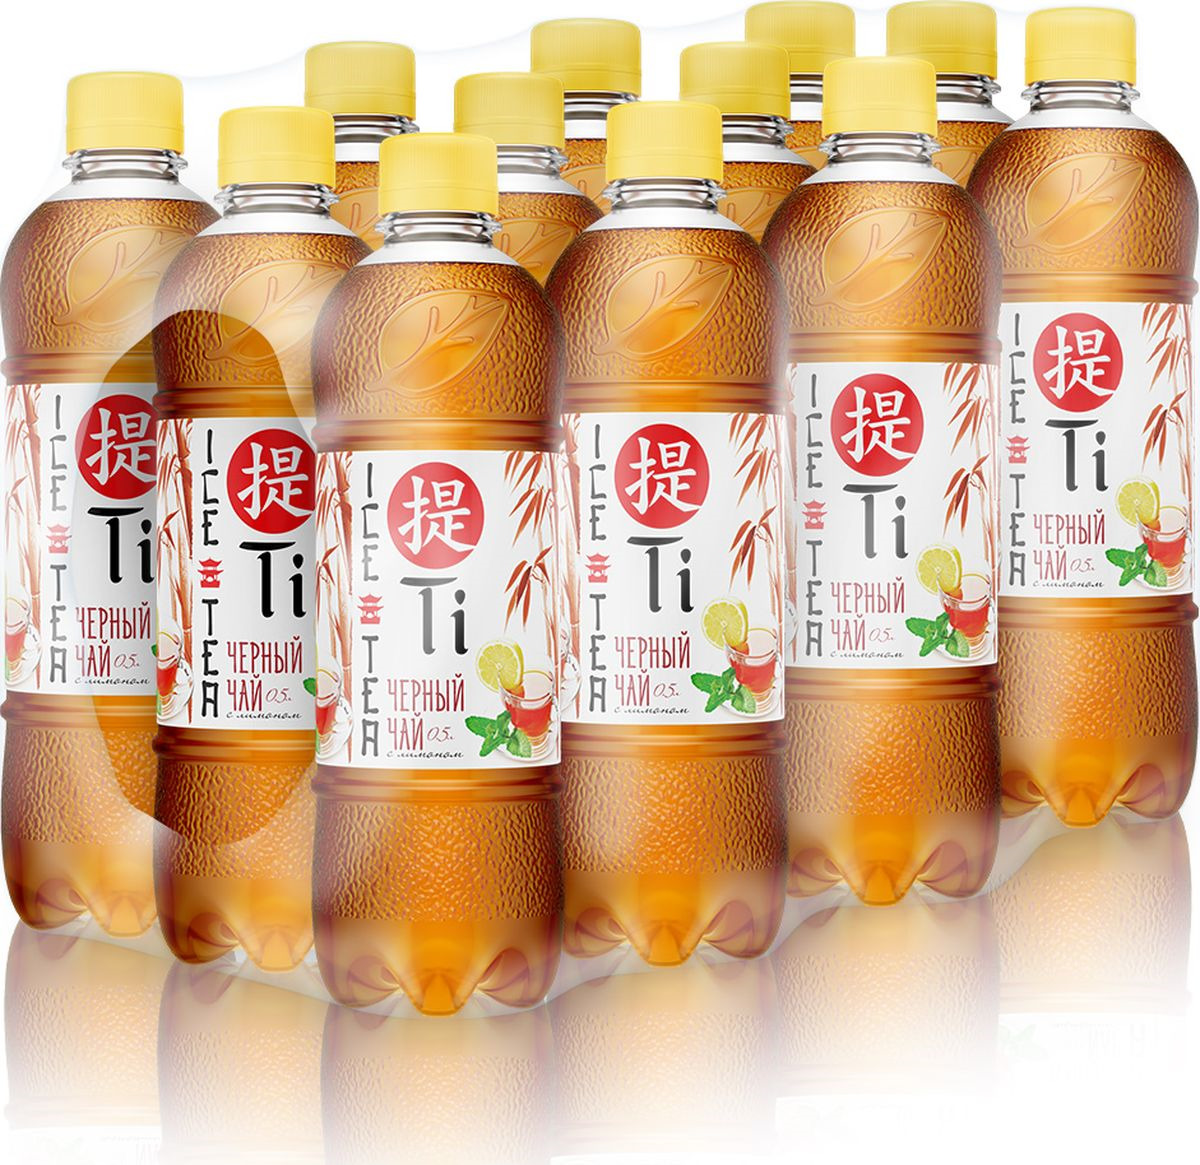 Холодный чай Калинов Родник Ti черный с лимоном, 12 шт по 500 мл вода калинов родник актив со вкусом малины 12 шт по 500 мл